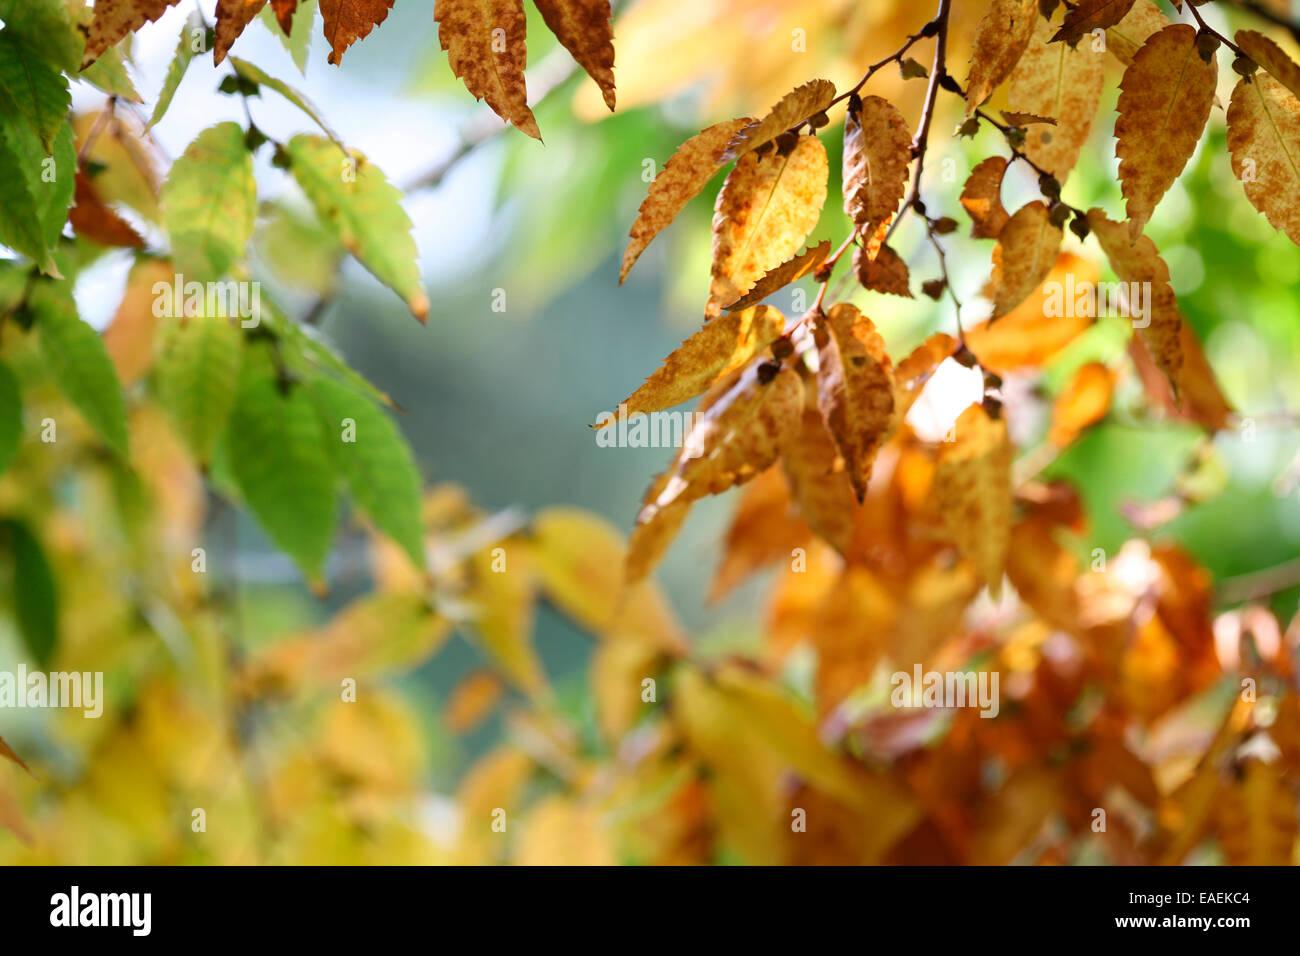 Zelkova Serrata-Keaki changing leaves in Autumn Jane Ann Butler Photography JABP1327 - Stock Image